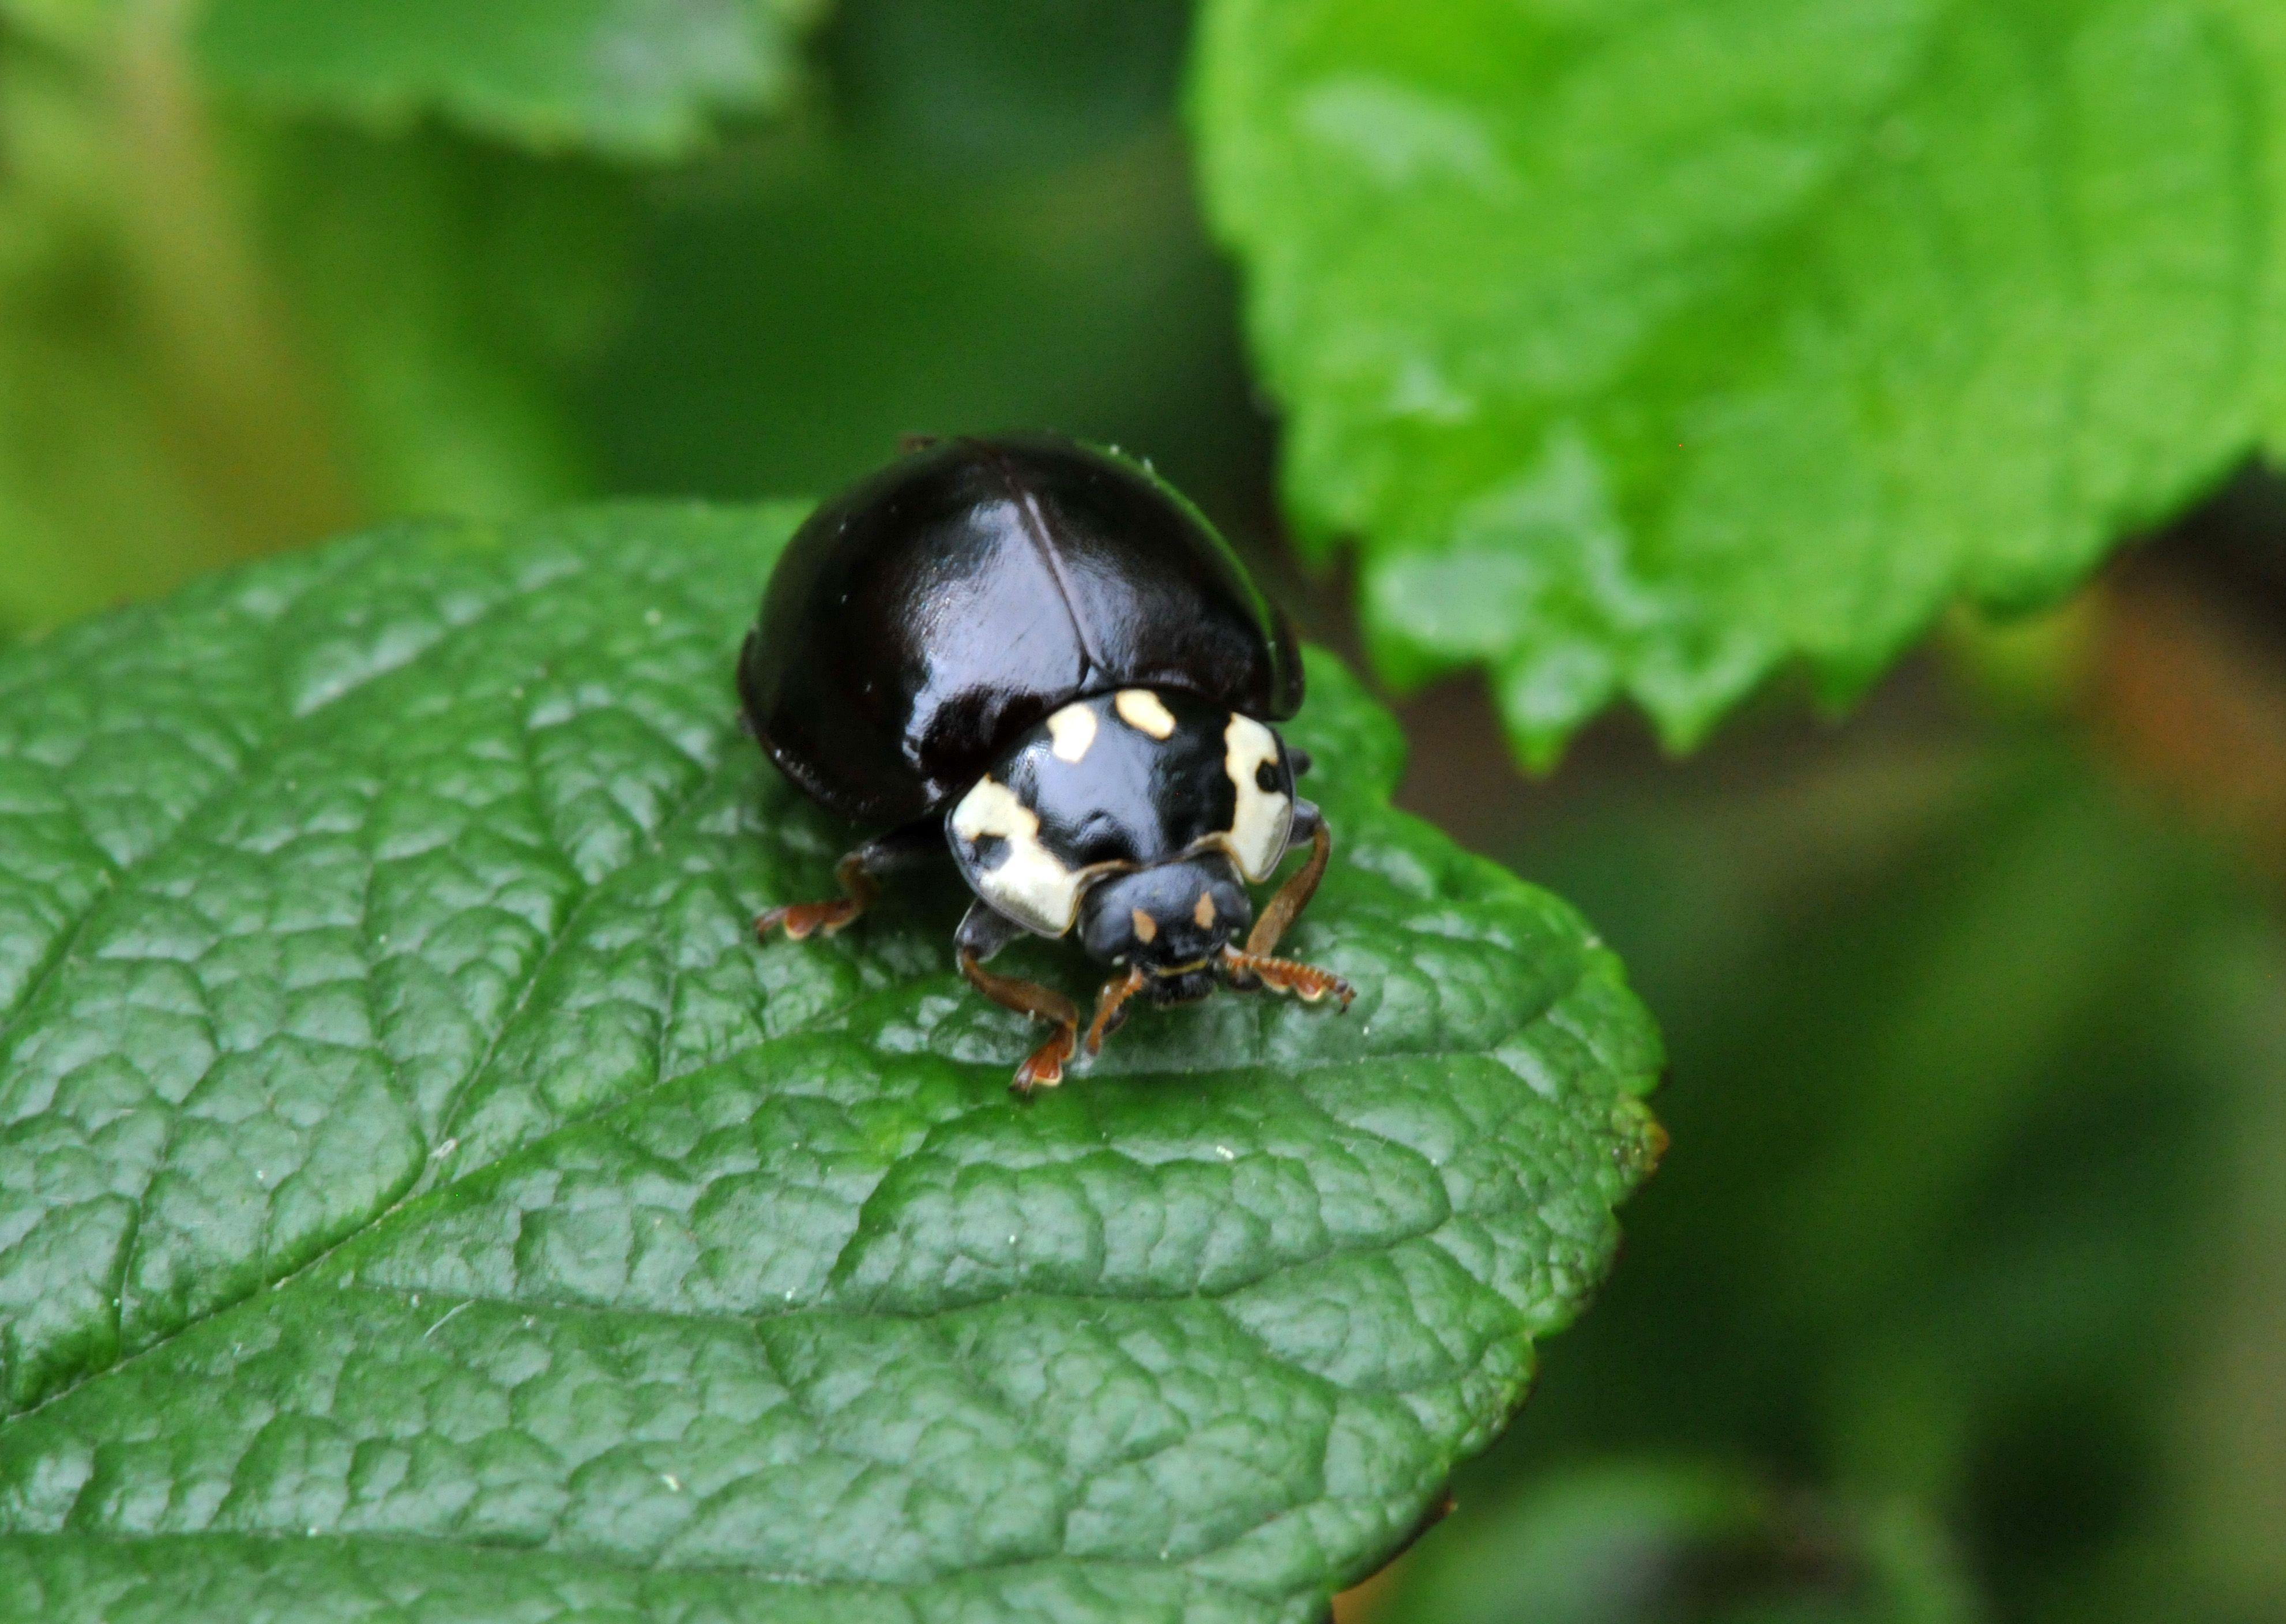 Lady Bug Ladybug, Beautiful bugs, Black ladybug